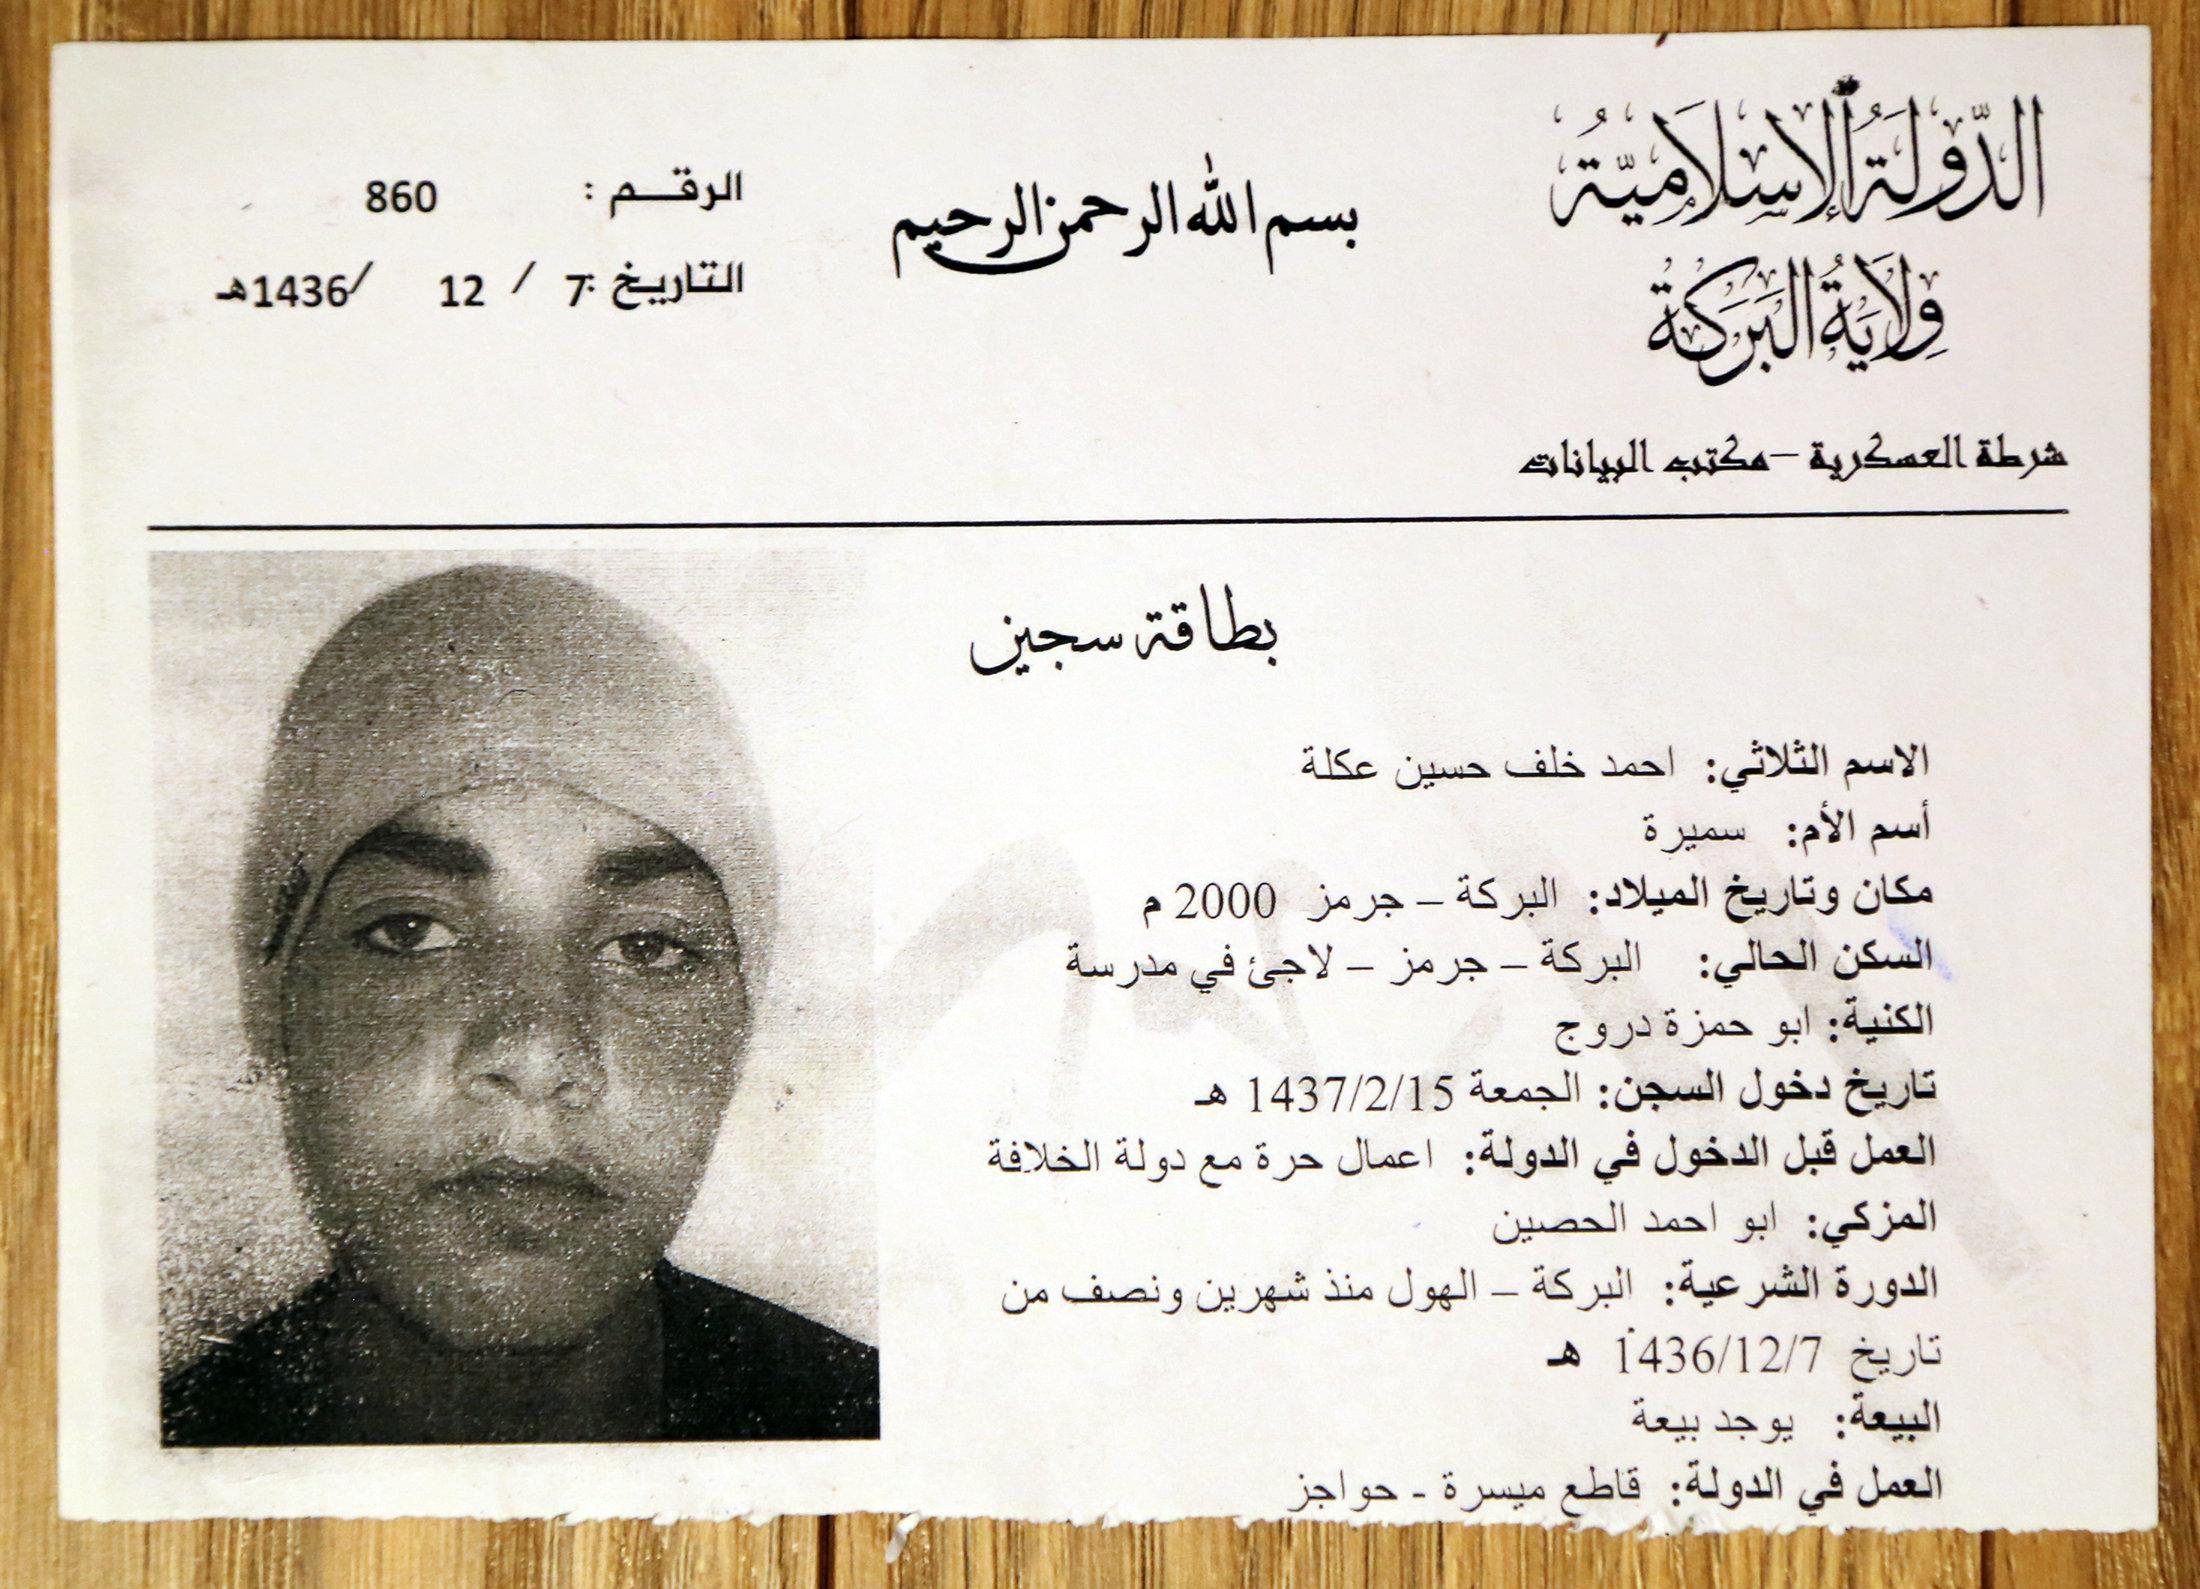 La mitad de una ficha sobre la ejecución de un joven por parte de Daesh —en esta y otras fichas semejantes faltaba la otra mitad—. Los habitantes locales indicaron que el joven fue acusado de haber asesinado a su tía.